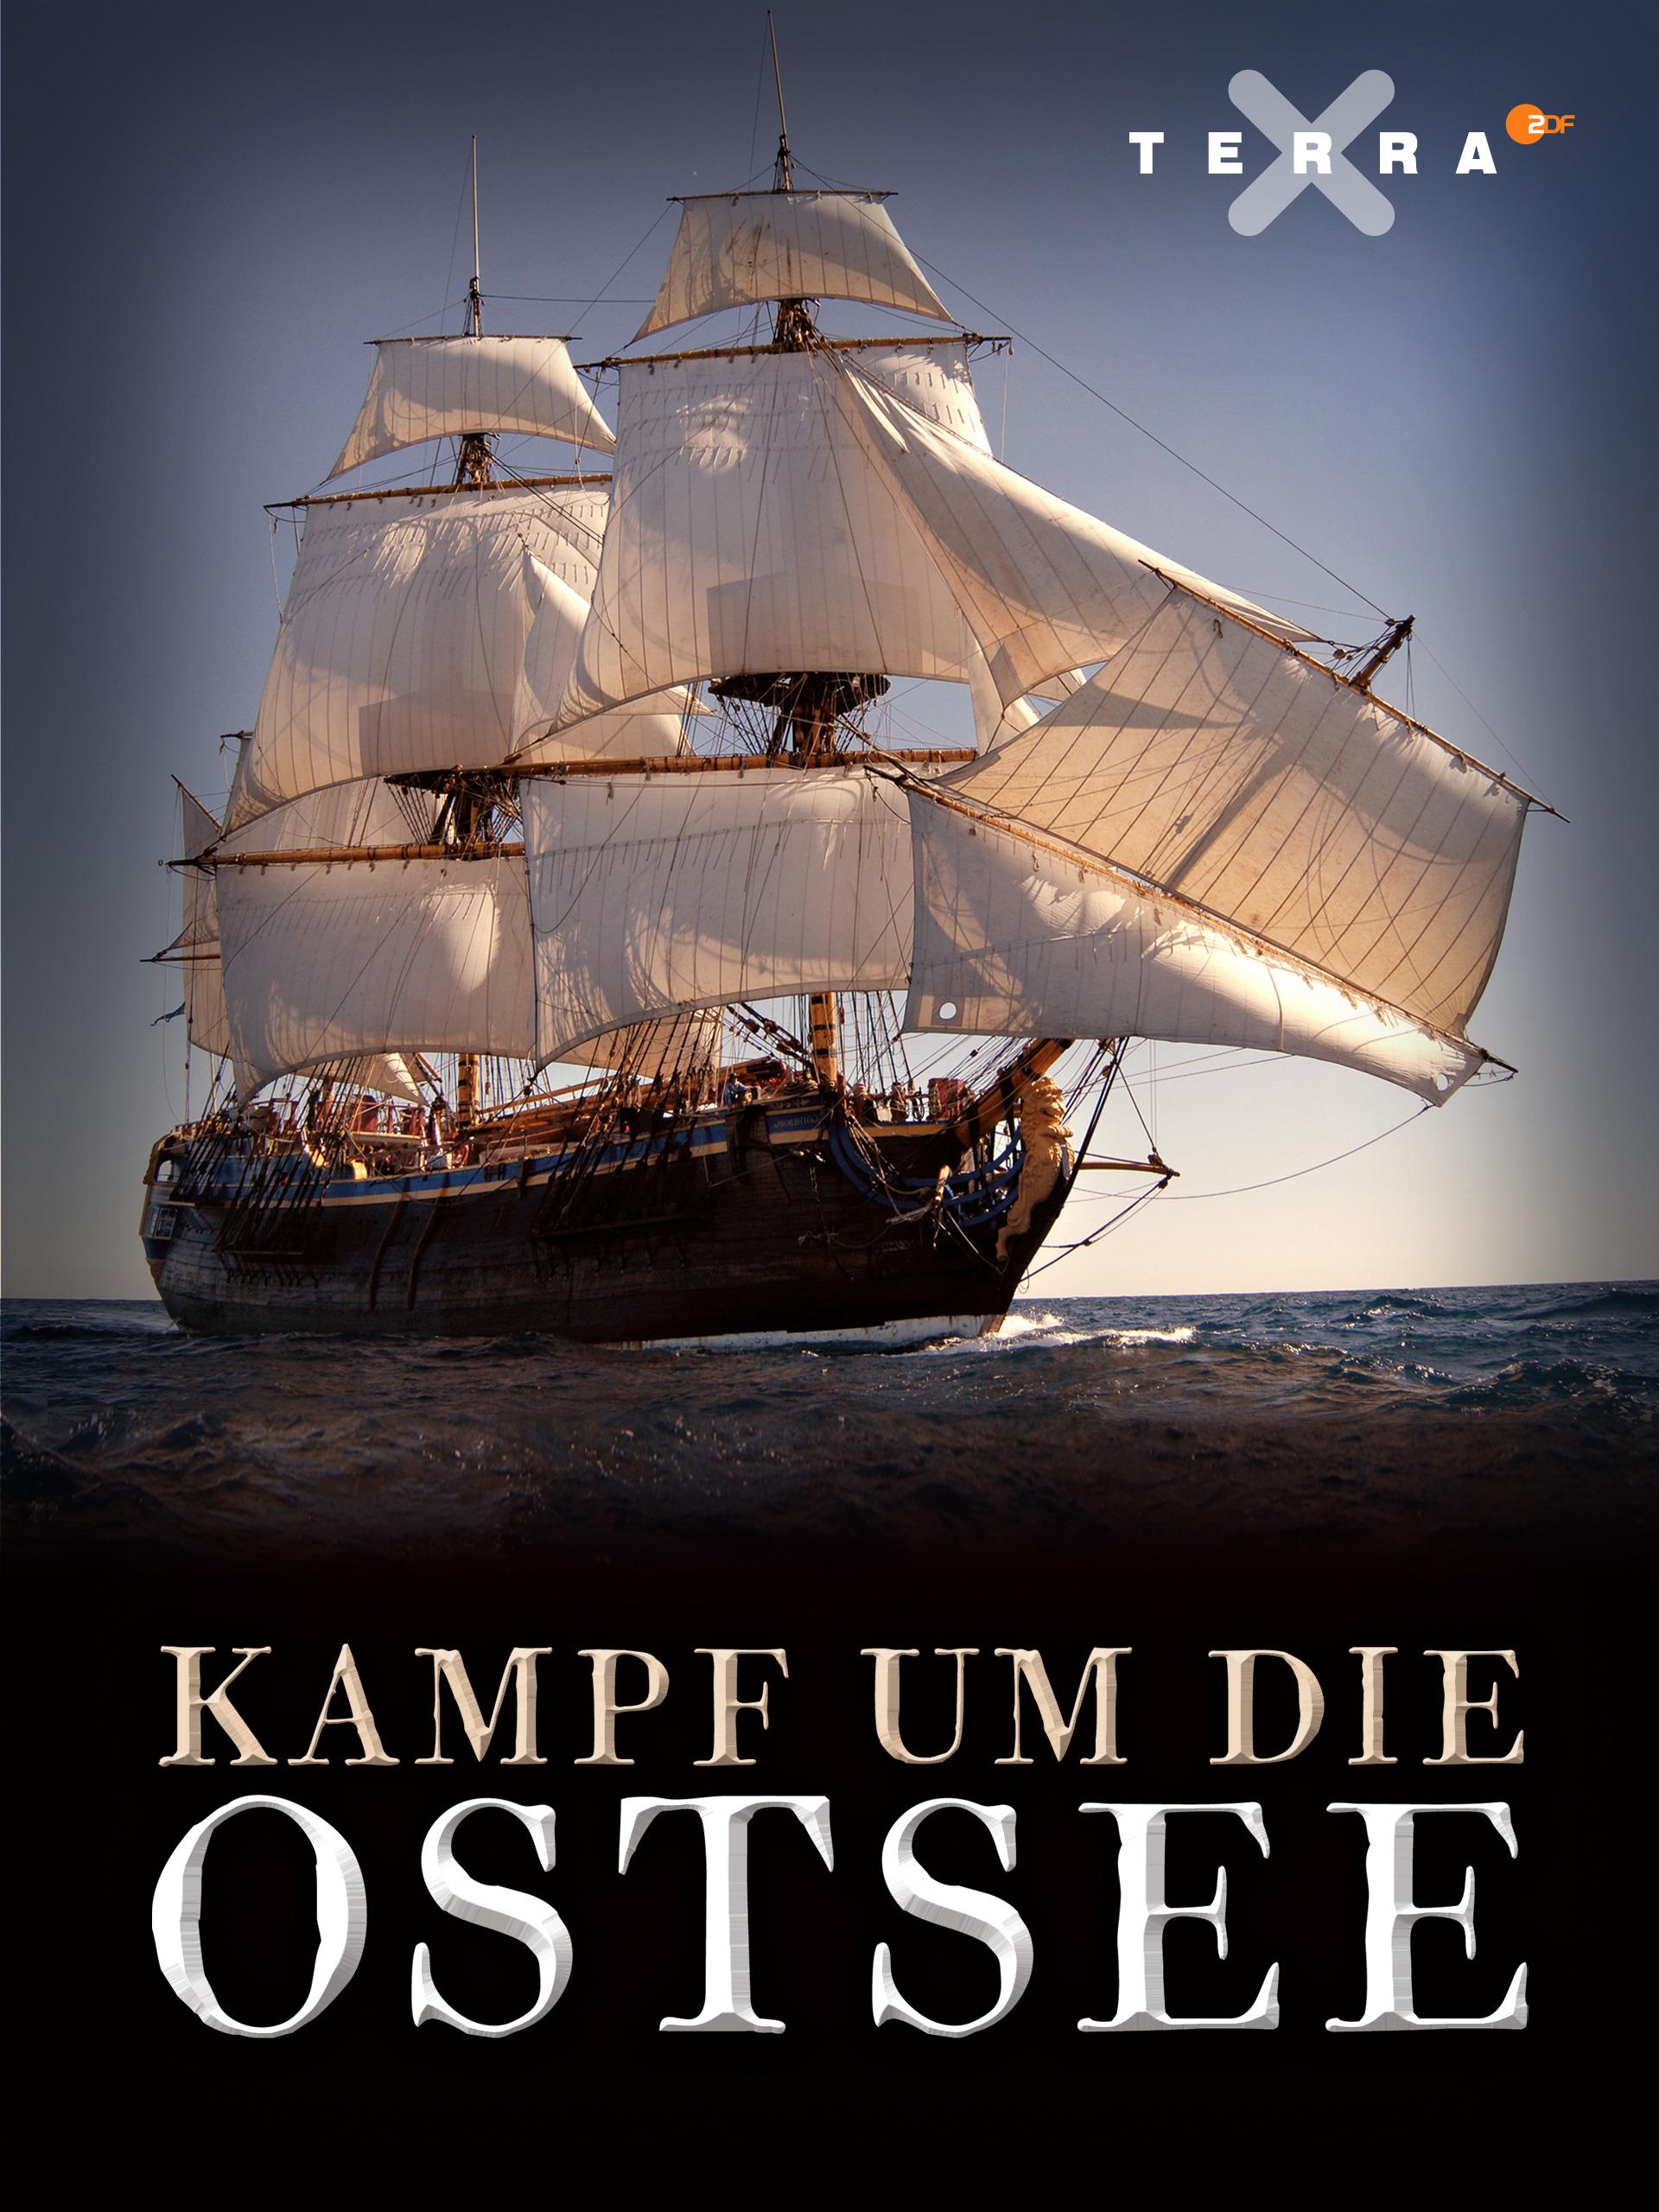 Kampf um die Ostsee